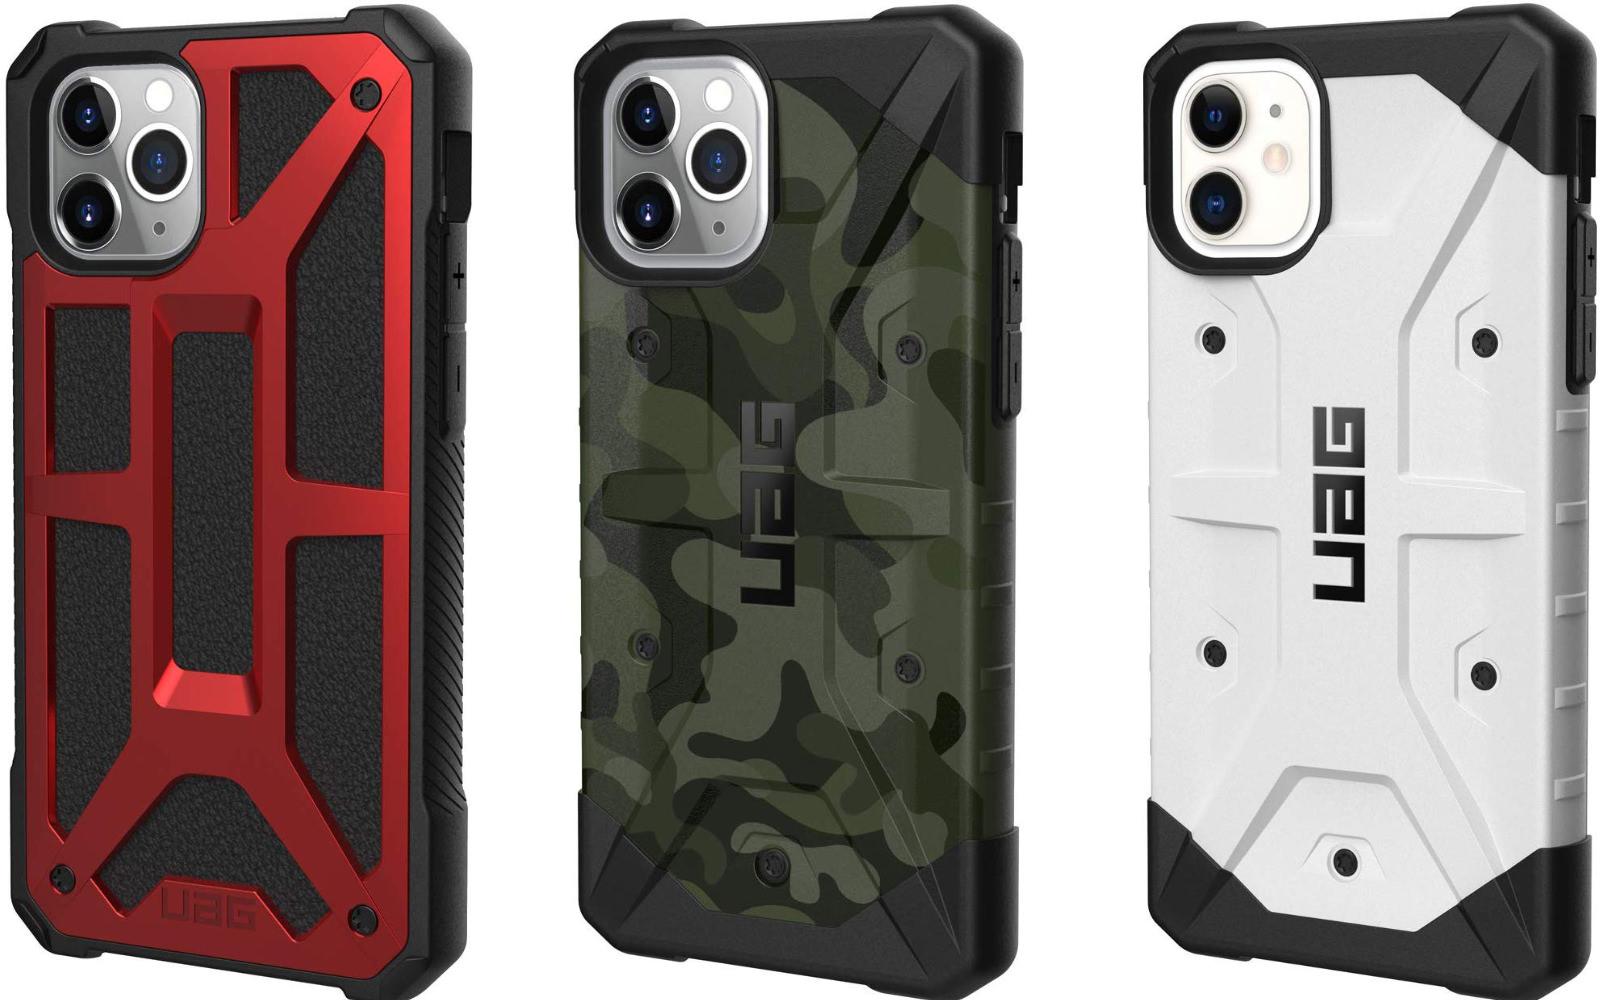 UAG iPhone 11 Series Cases